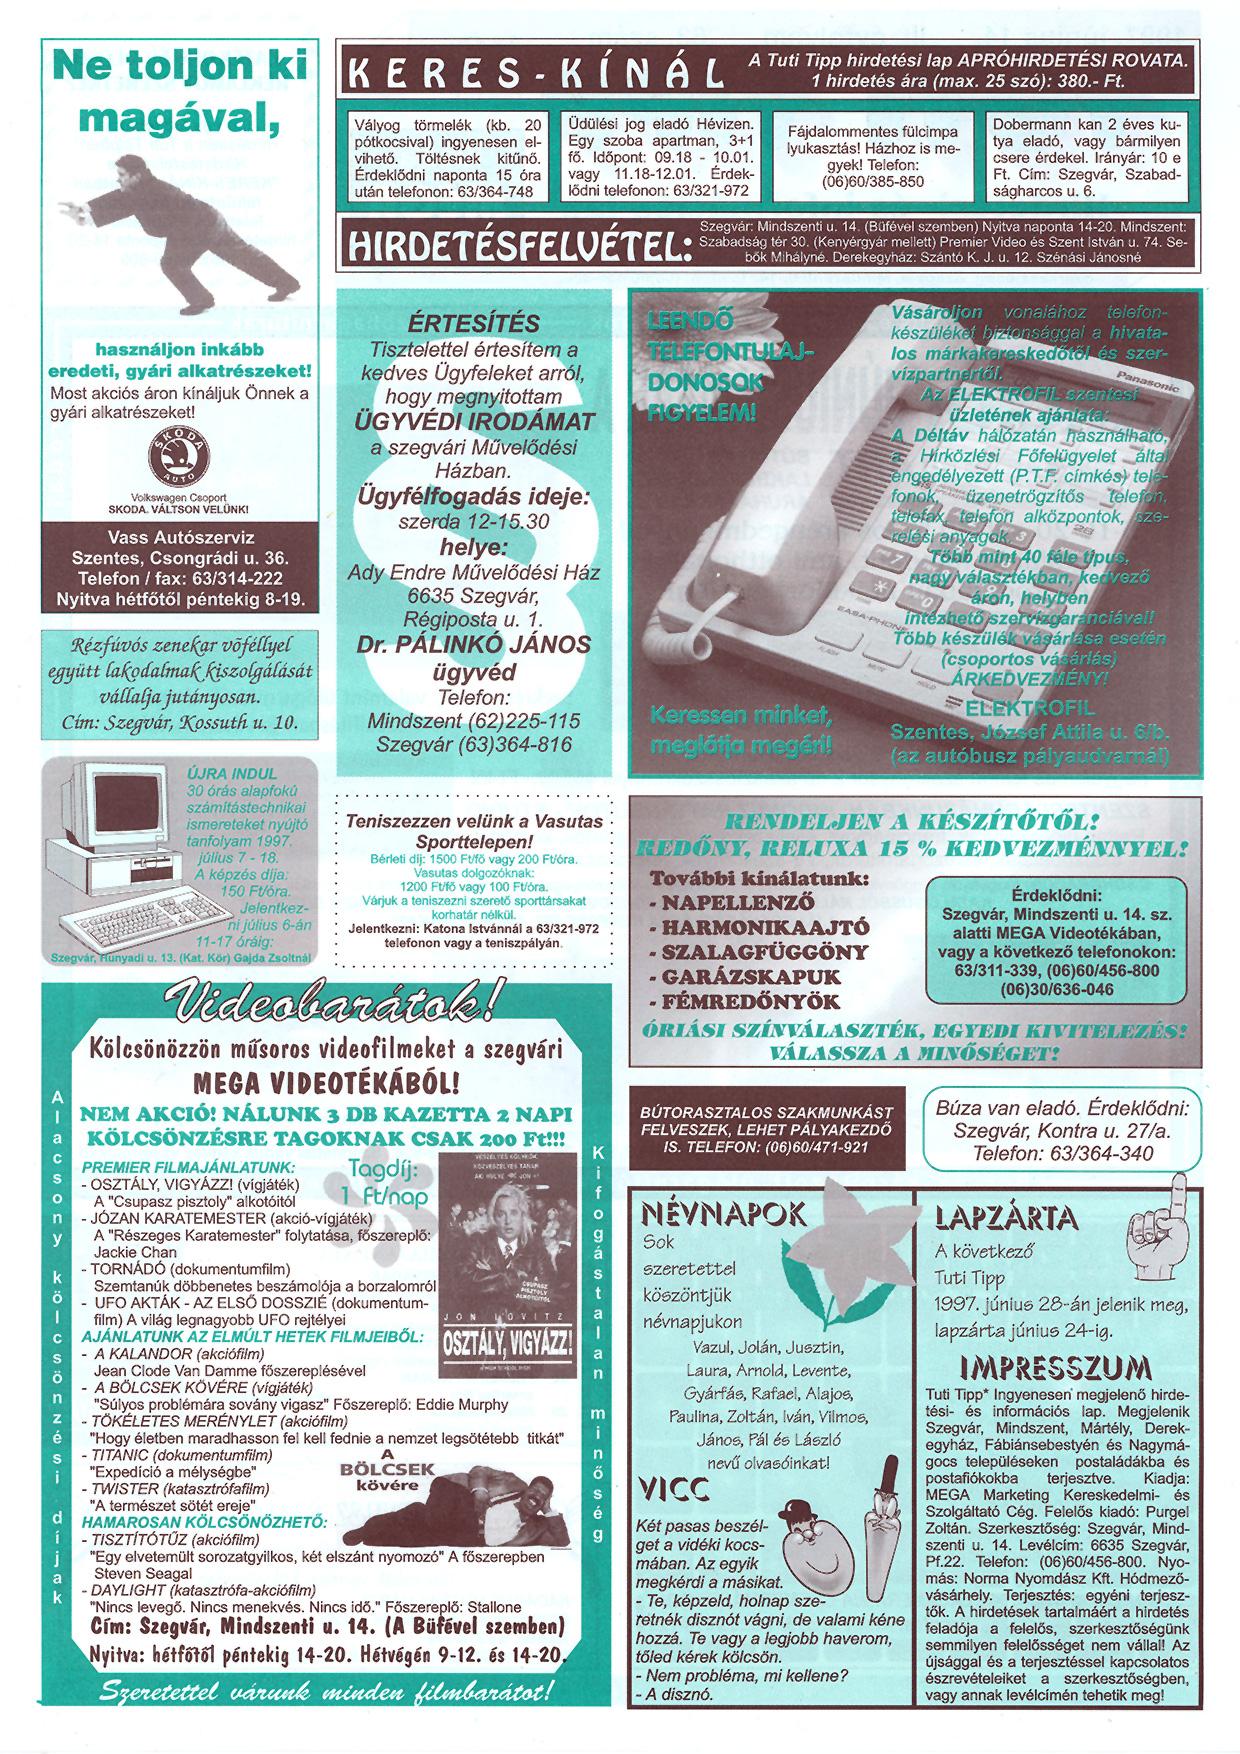 020 Tuti Tipp reklámújság - 19970614-063. lapszám - 2.oldal - III. évfolyam.jpg